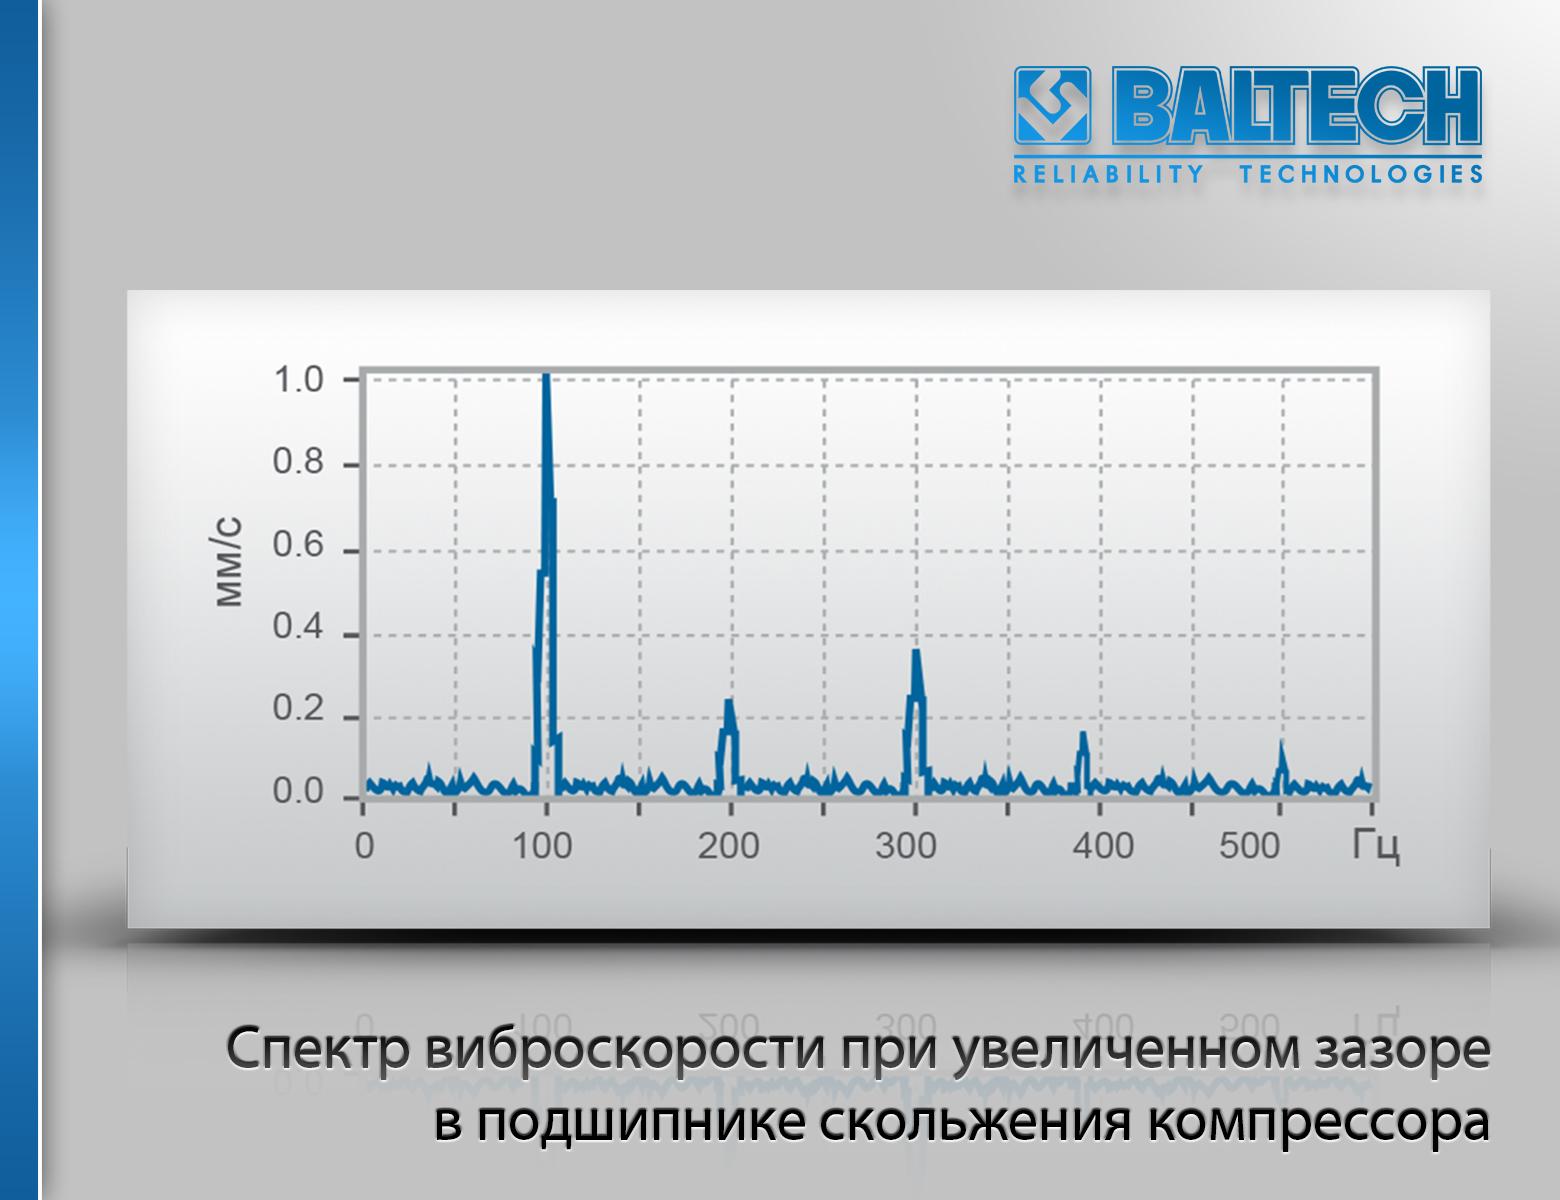 Спектр виброскорости при увеличенном зазоре в подшипнике скольжения компрессора, диагностика компрессоров